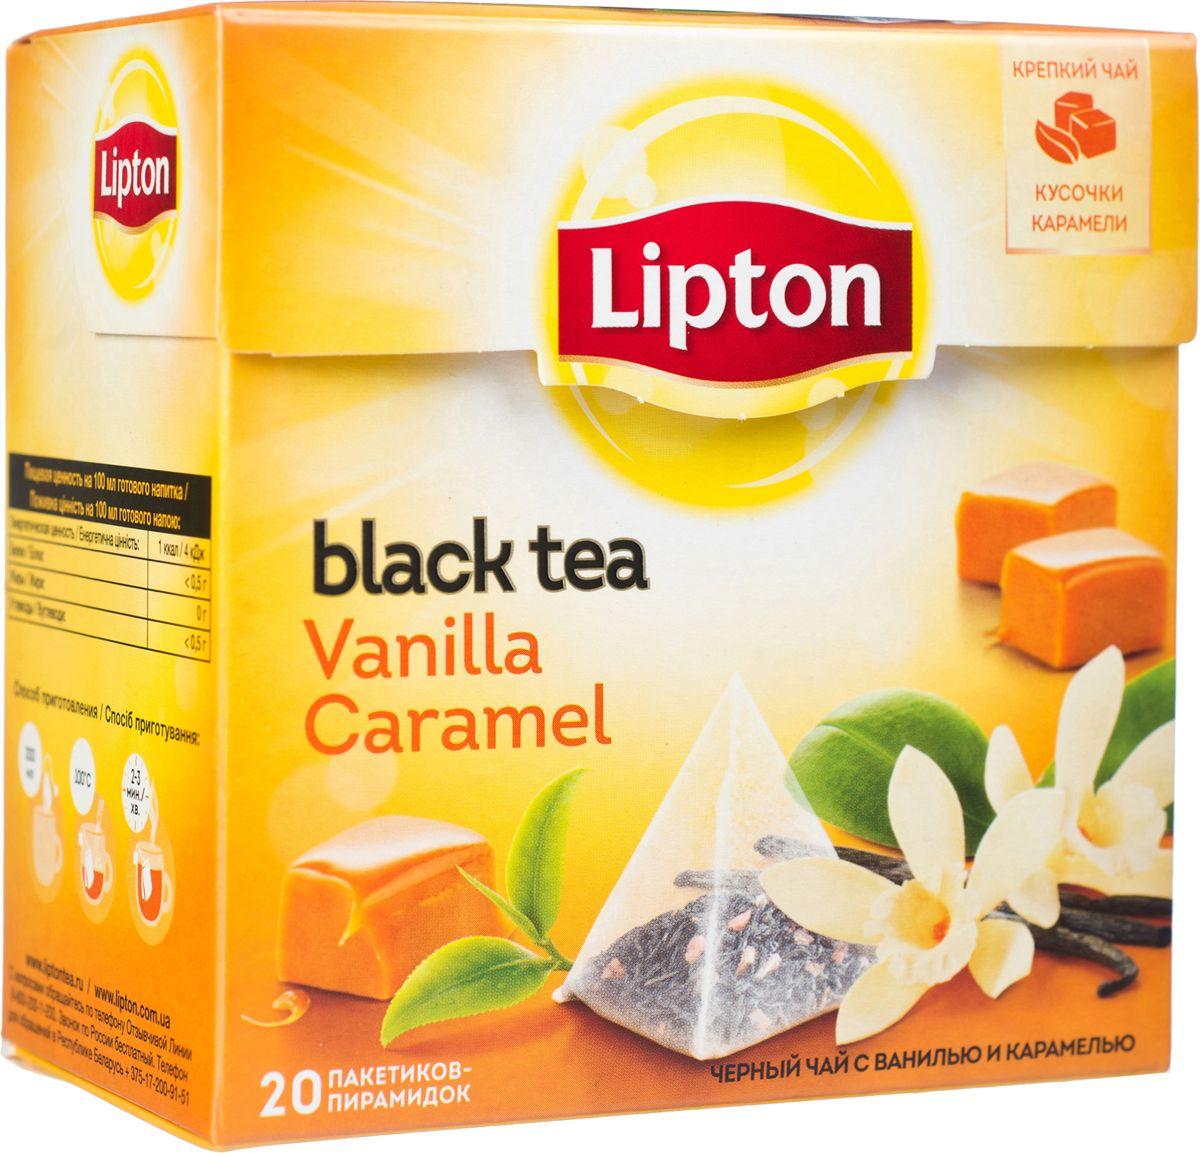 Lipton Черный чай Vanilla Caramel 20 шт21187937/65415415Lipton Vanilla Caramel - черный чай со вкусом карамели и ванили. Настоящее чудо для гурманов: кусочки ванили и сладкой карамели в сочетании с отборными чайными листочками рождают невероятно утонченный и мягкий вкус, изысканные оттенки которого полностью раскрываются благодаря свободному пространству внутри пирамидки. Сказочная гармония вкусов добавляет в жизнь немного волшебства!